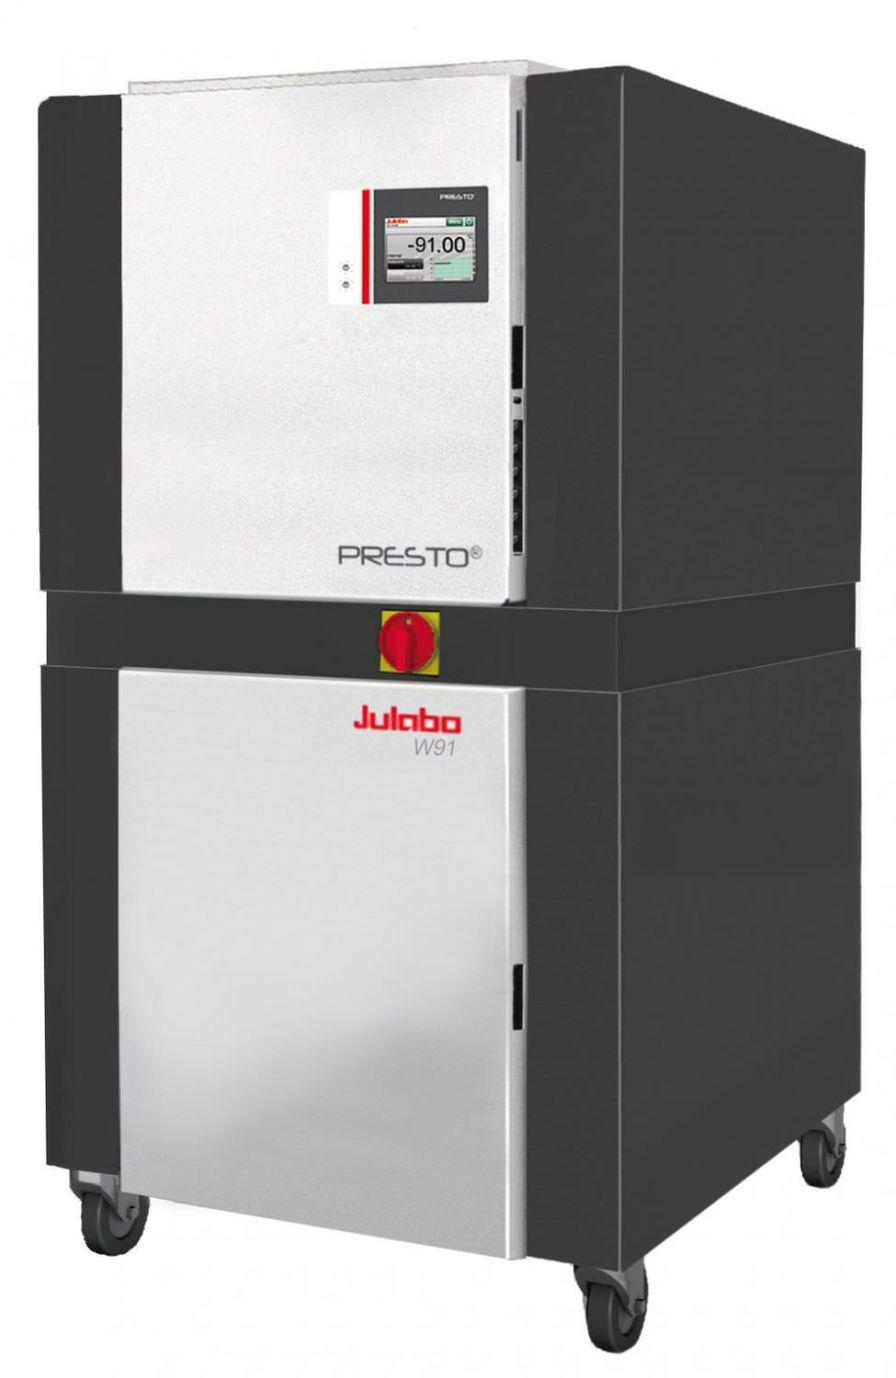 Laboratory thermostat / process -91 °C ... +250 °C | PRESTO® W91t Julabo